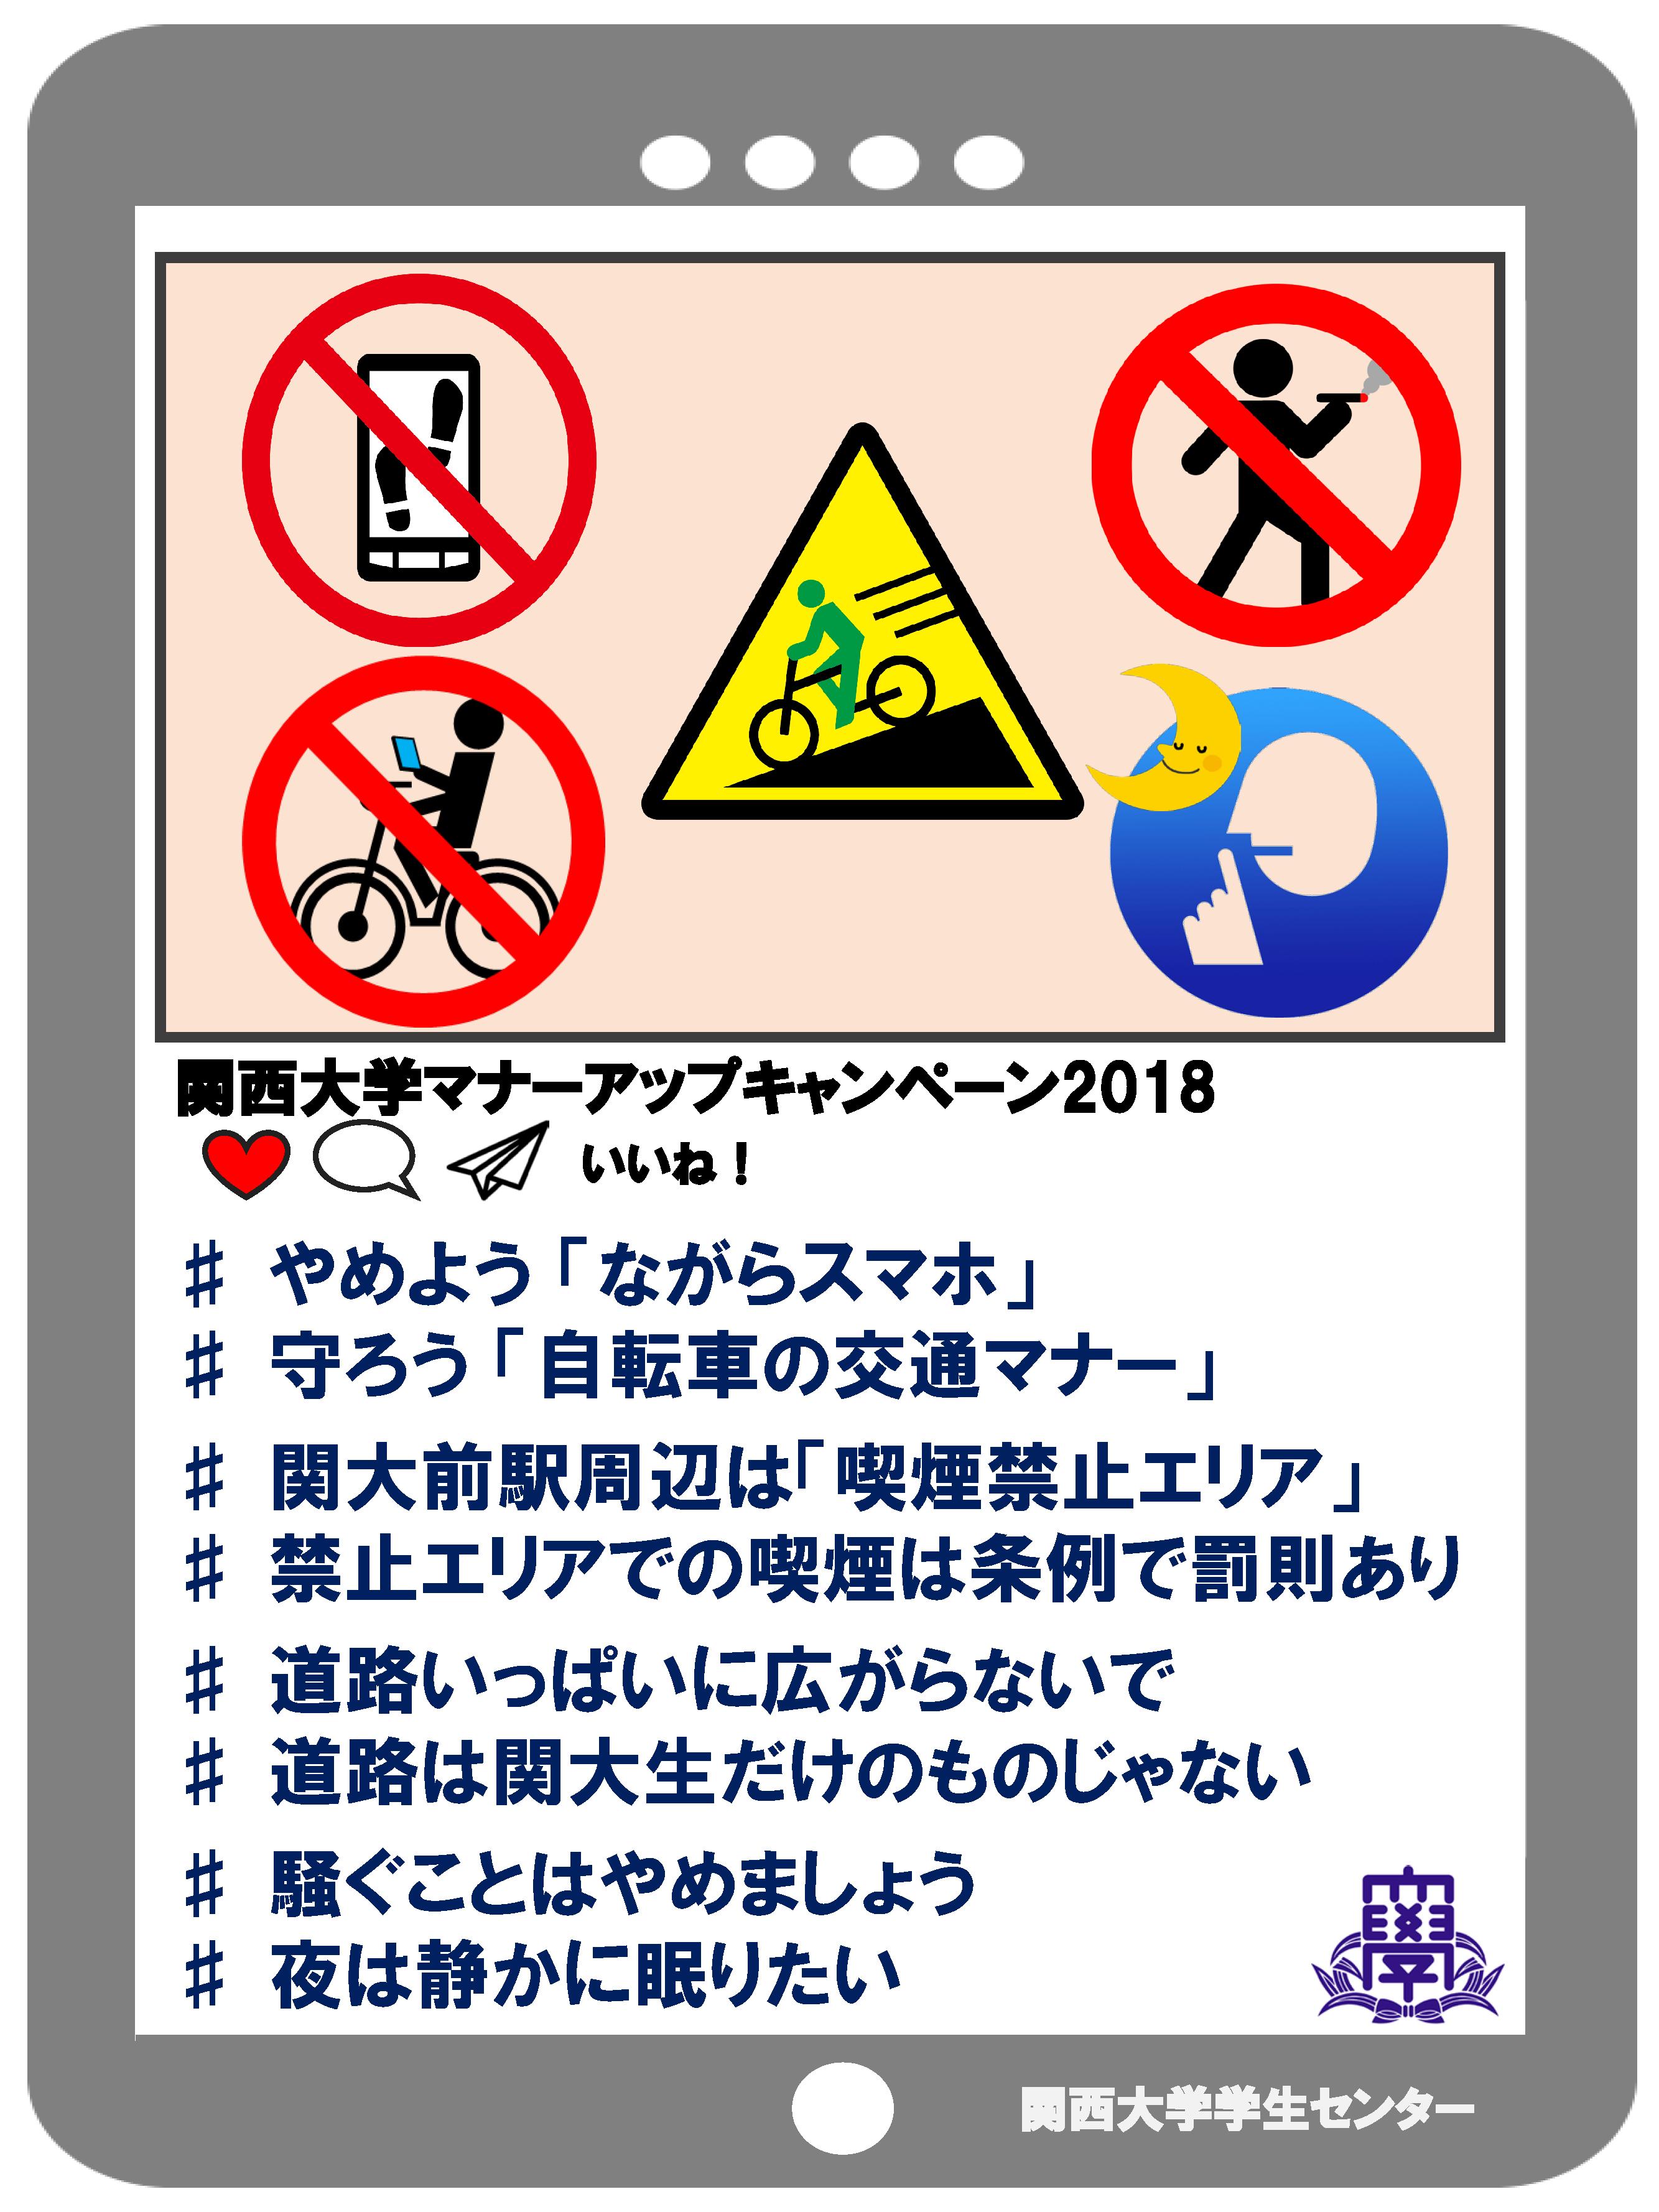 ◆みんなに愛される関西大学へ。やめよう「ながらスマホ」、守ろう「自転車マナー」。◆「関西大学マナーアップキャンペーン」を実施